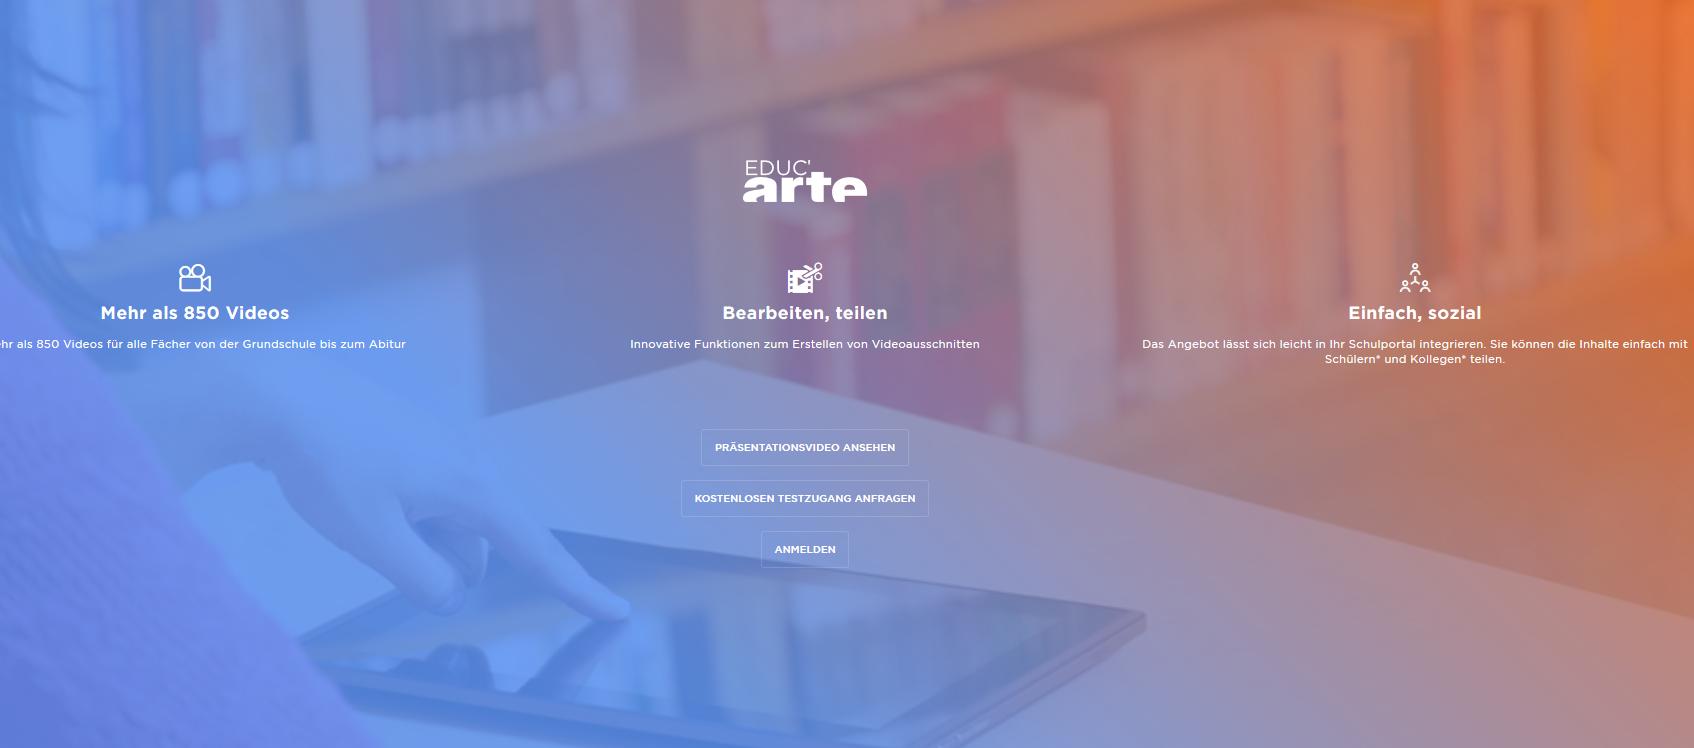 Streamen, Schneiden, Integrieren: Artes neue digitale Bildungsplattform